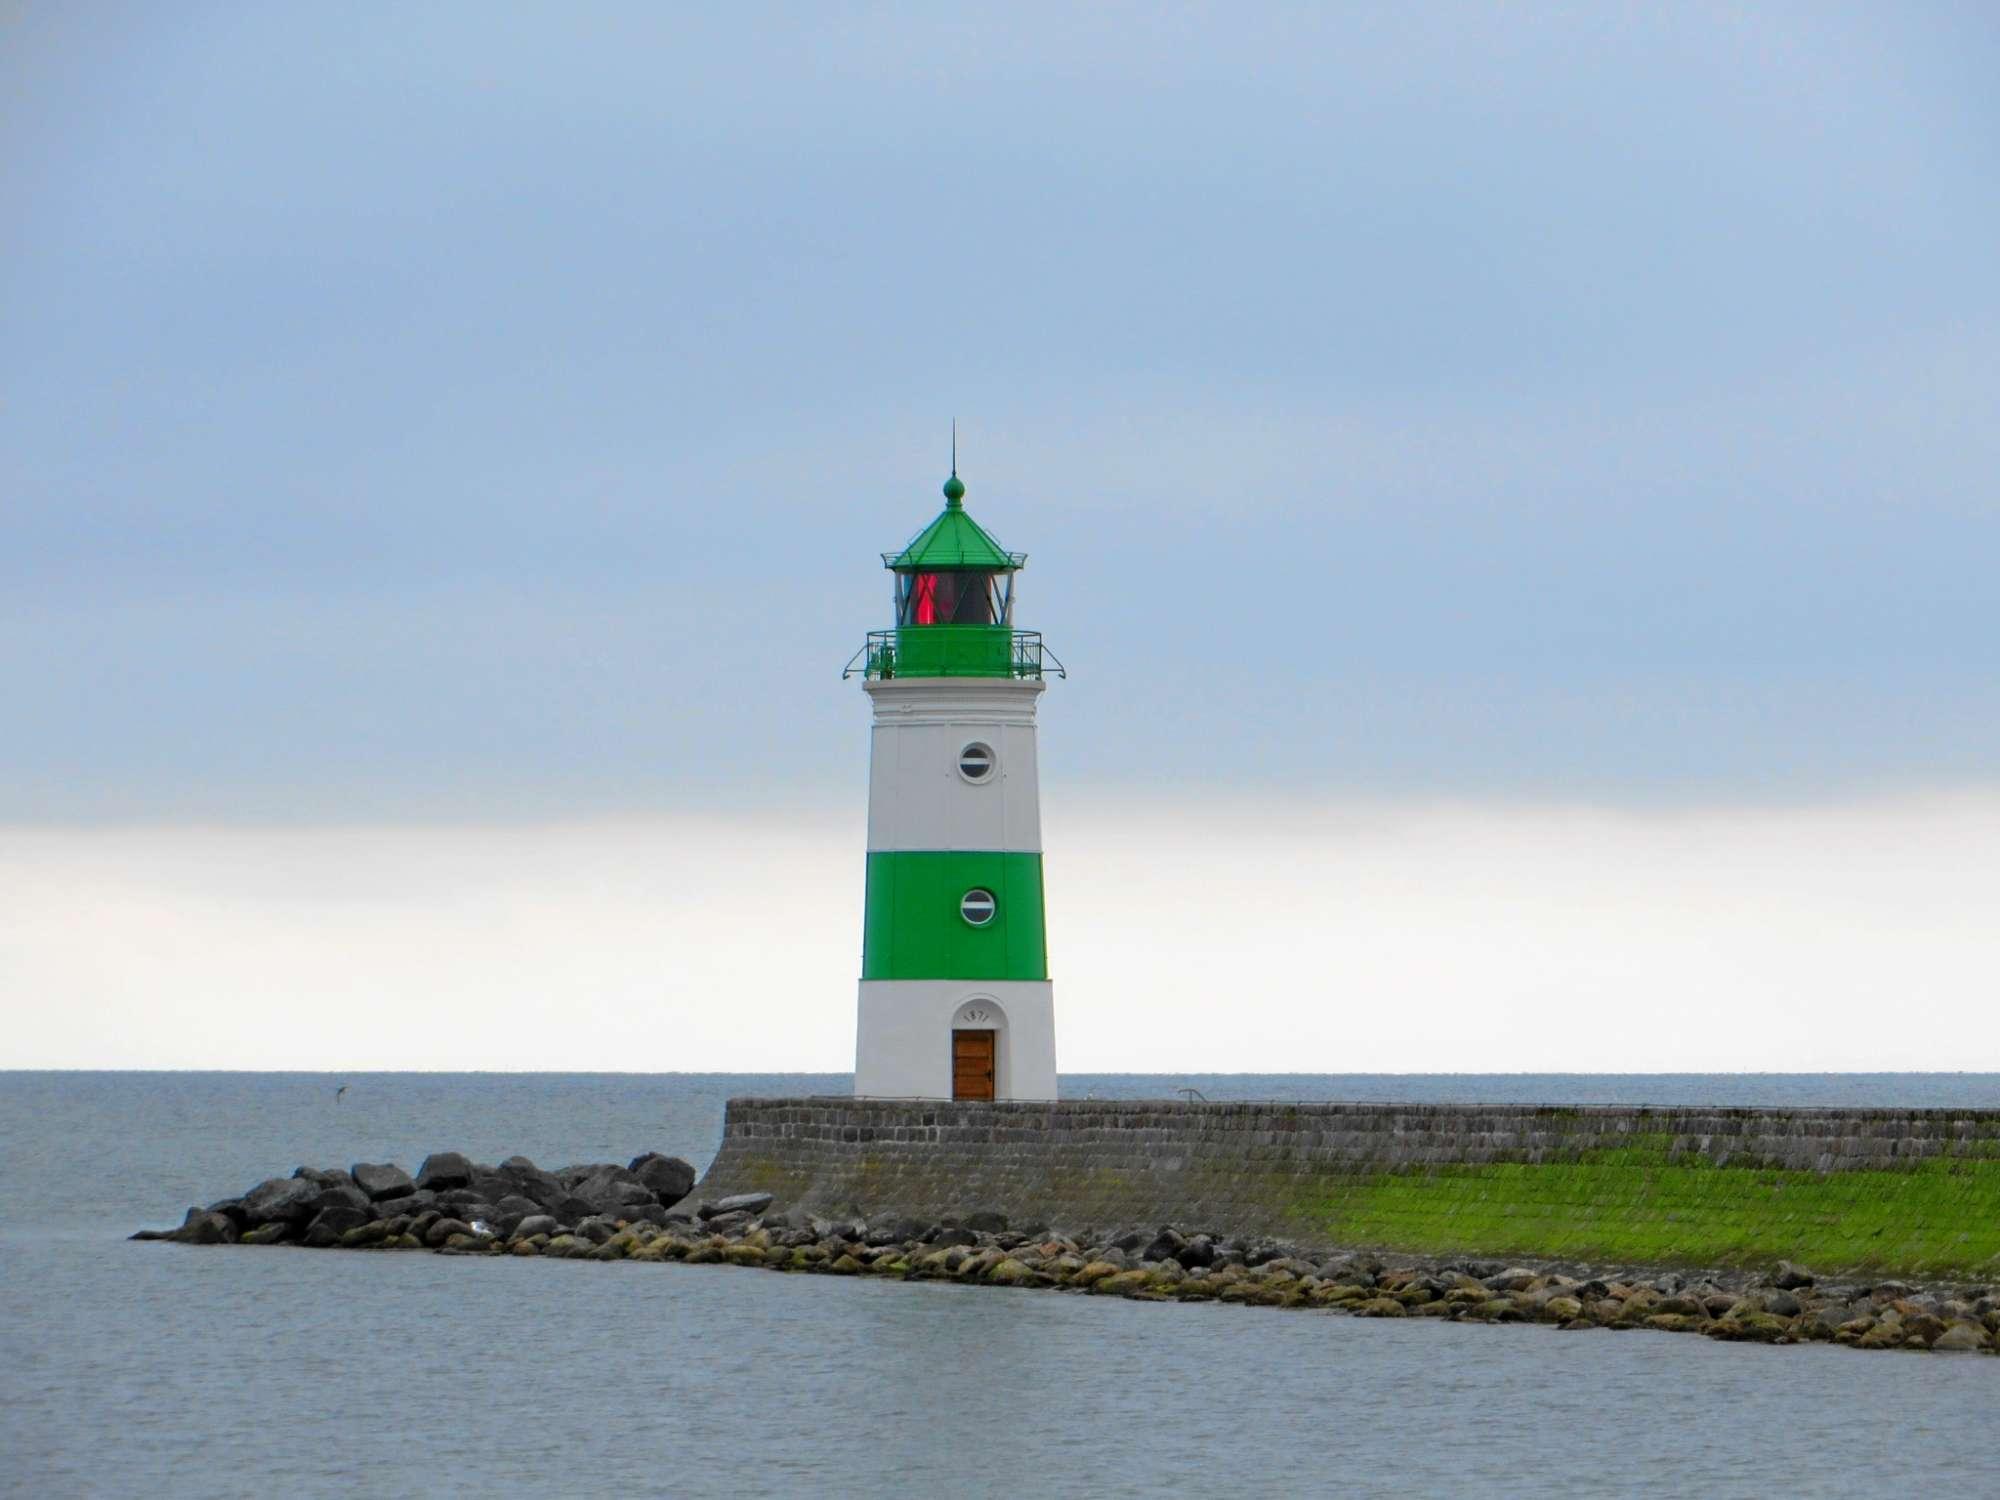 Urlaub an Ostsee und Schlei - Leuchtturm Schleimünde